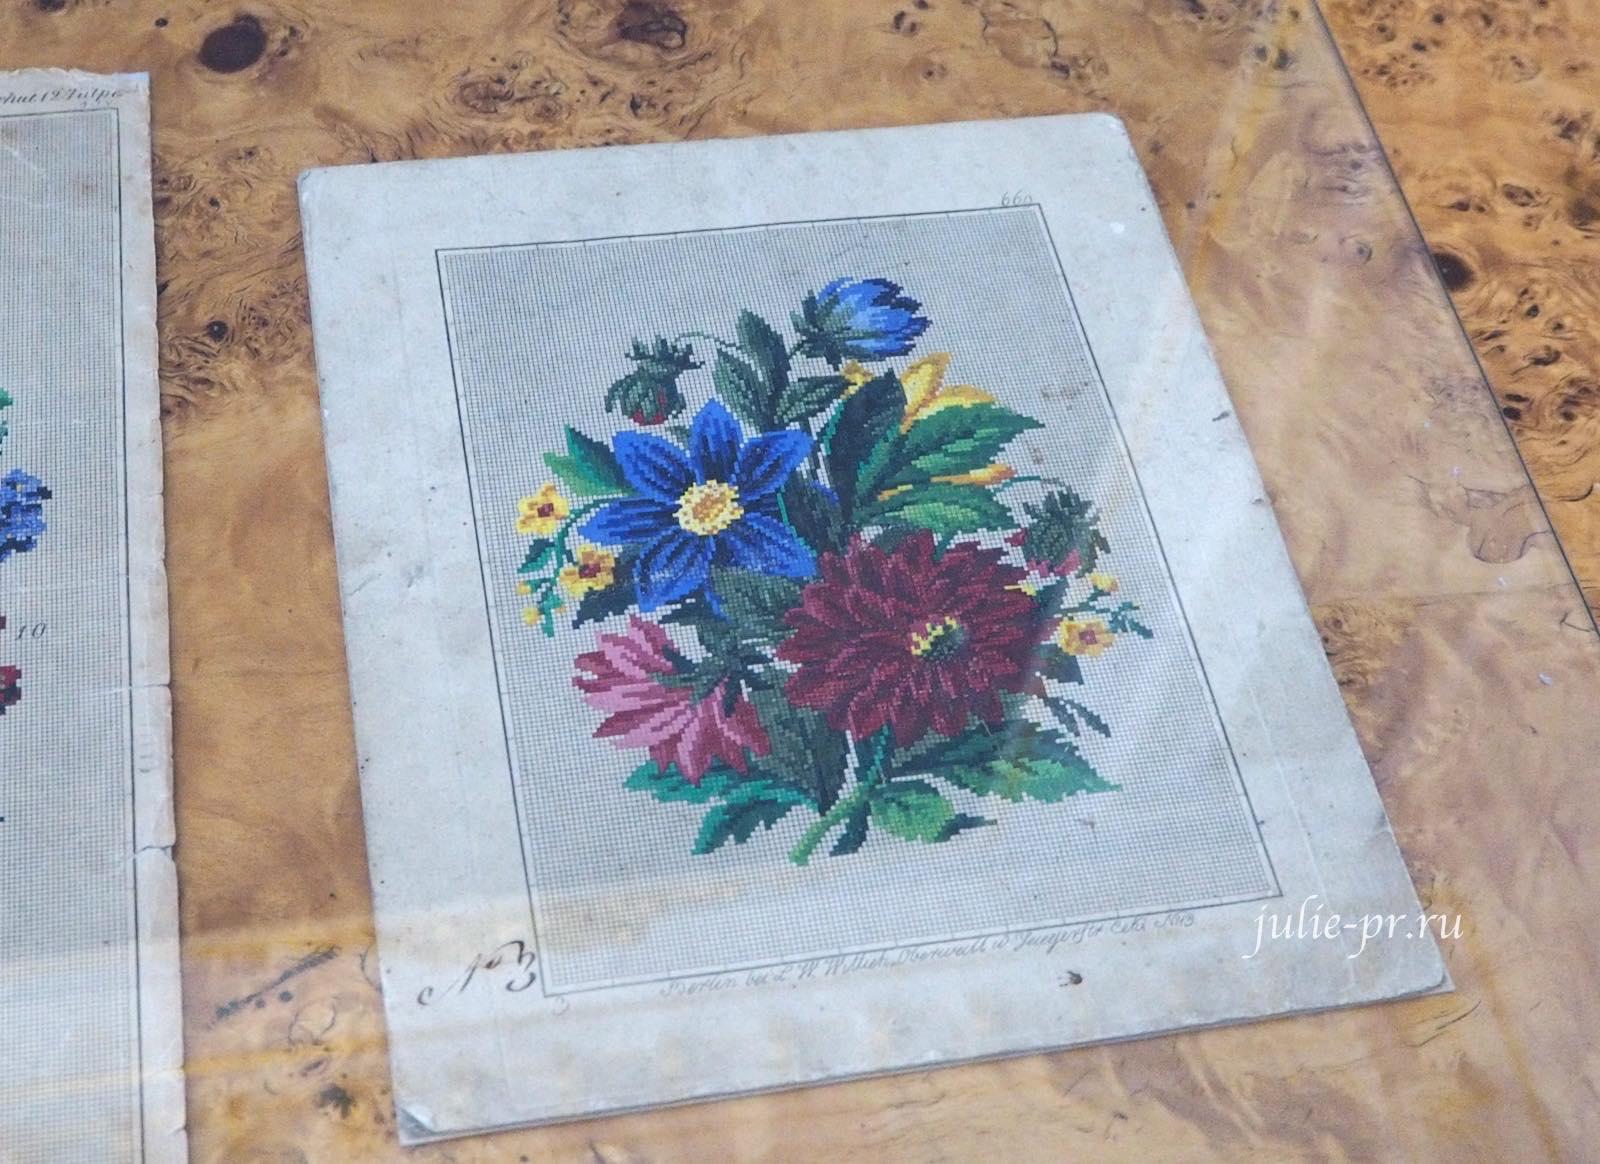 выставка Как роза ты нежна, вышивка крестом, старинные схемы, музей усадьба Г. Р. Державина